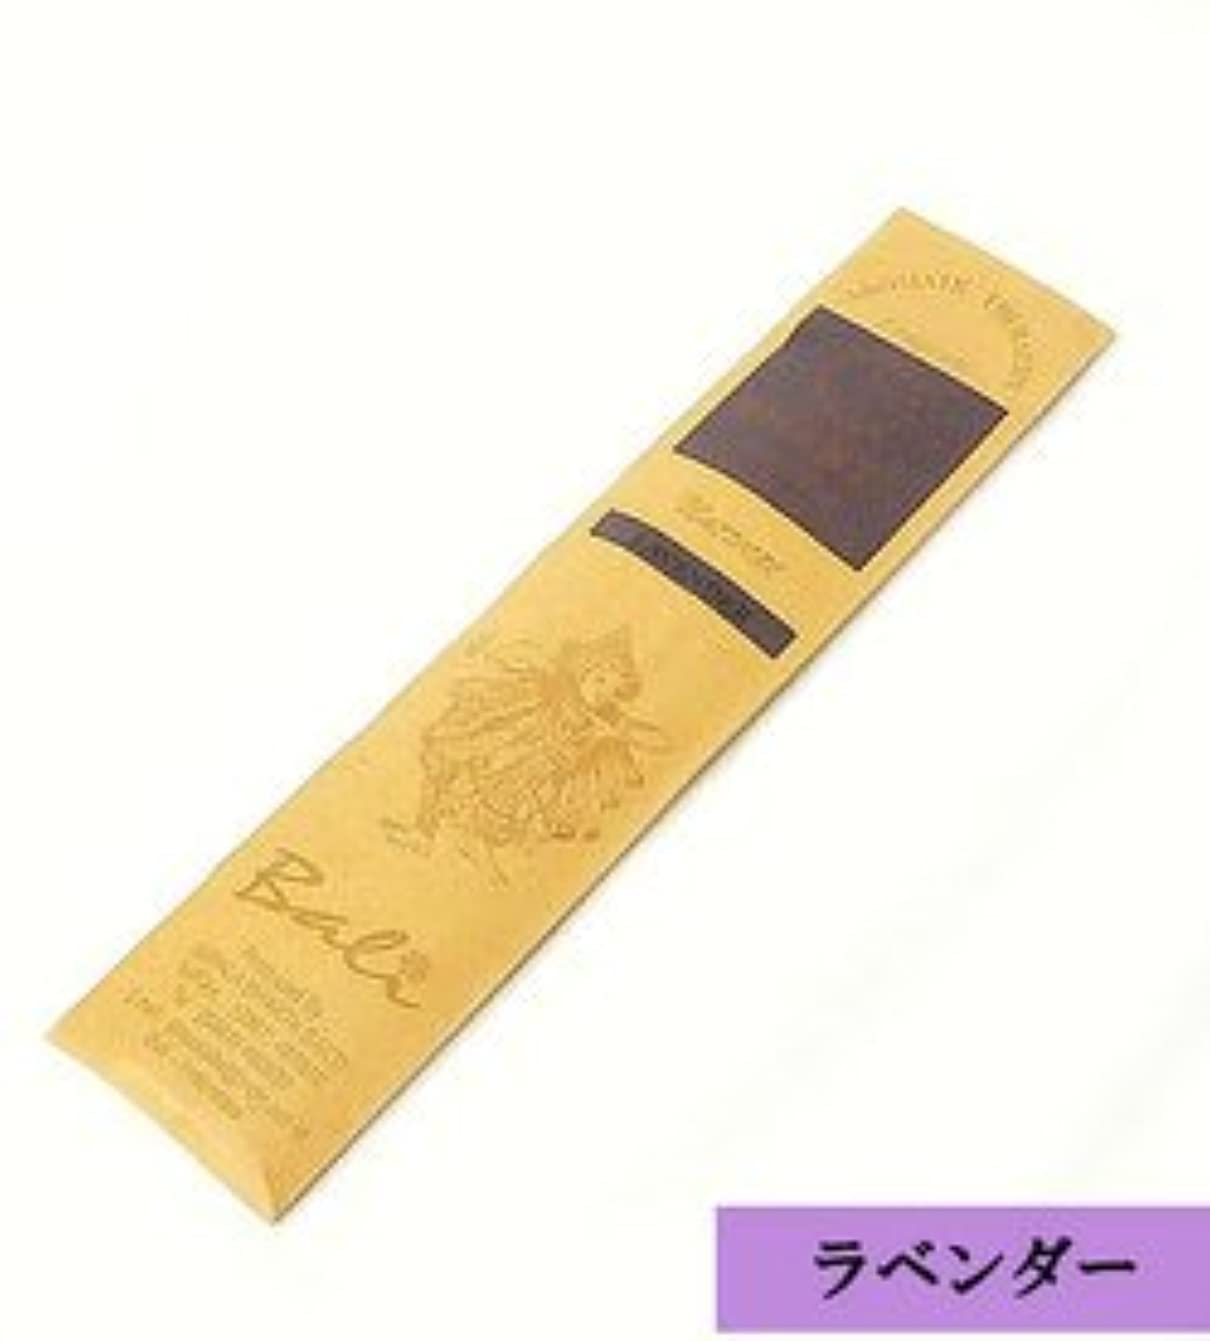 代わってそれ解き明かすバリのお香 BHAKTA 【ラベンダー】 LAVENDER ロングスティック 20本入り アジアン雑貨